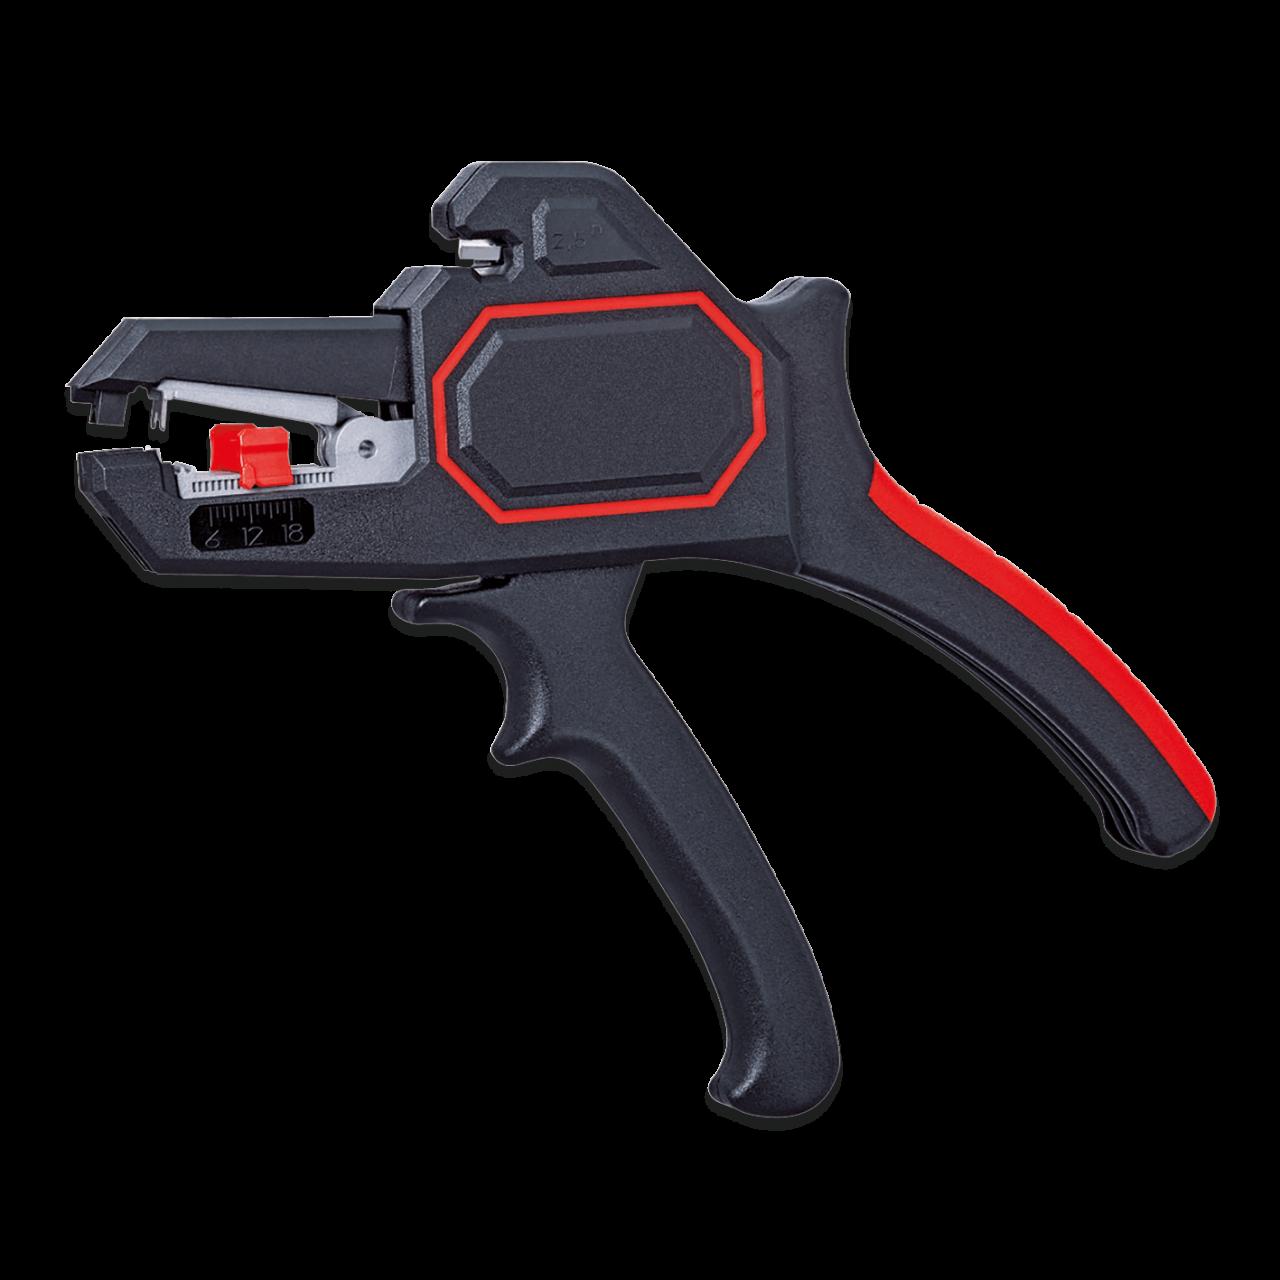 Abisolier-Werkzeug Bild 1